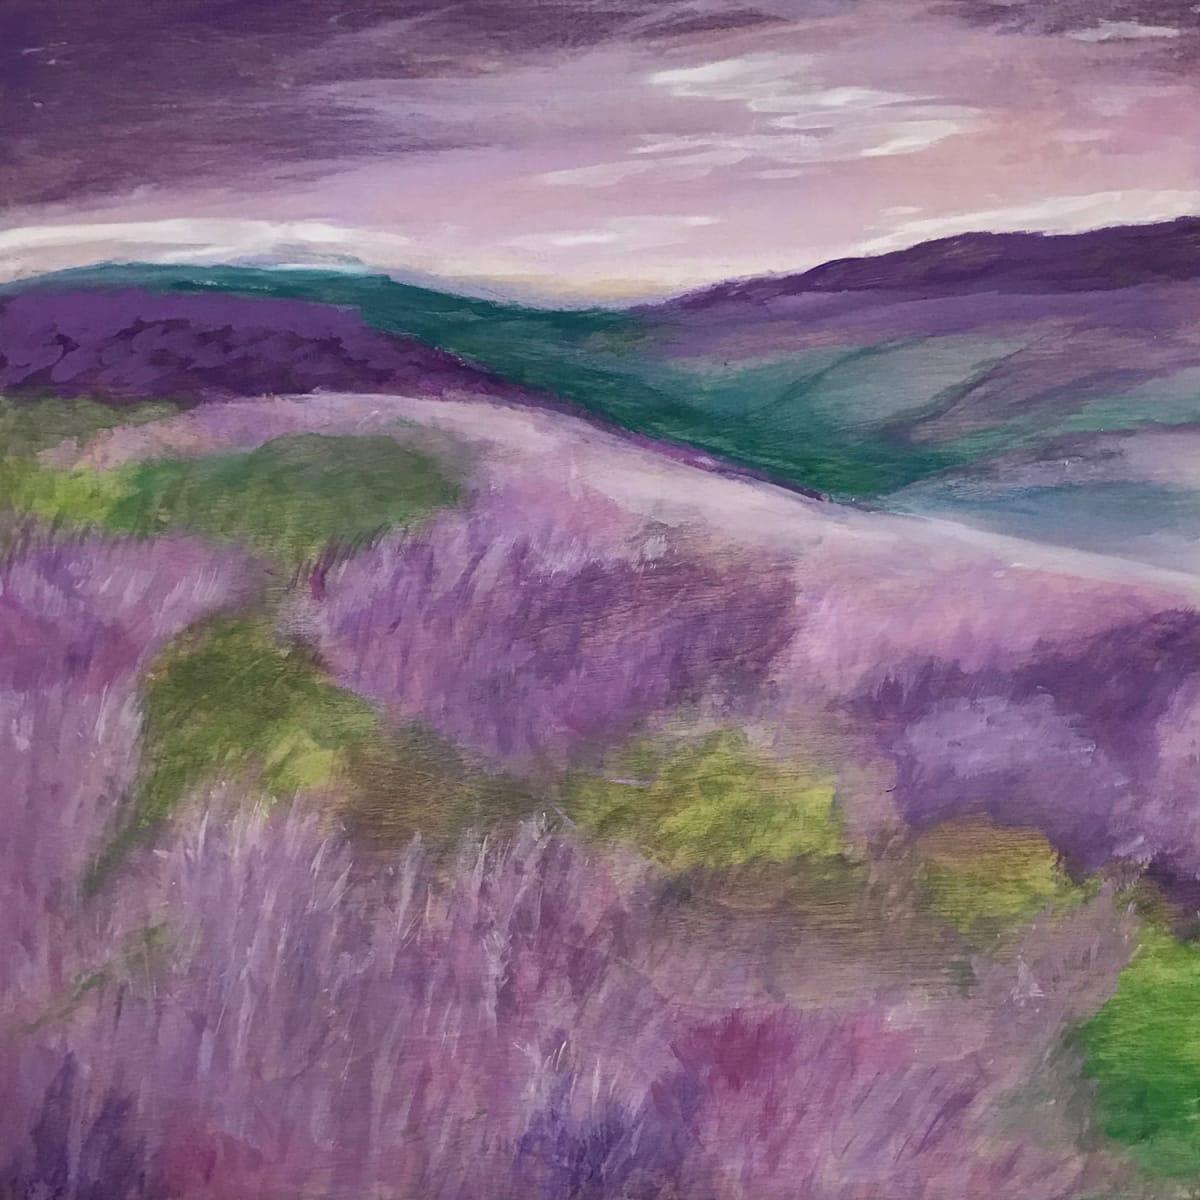 Purple Heather by Susi Schuele